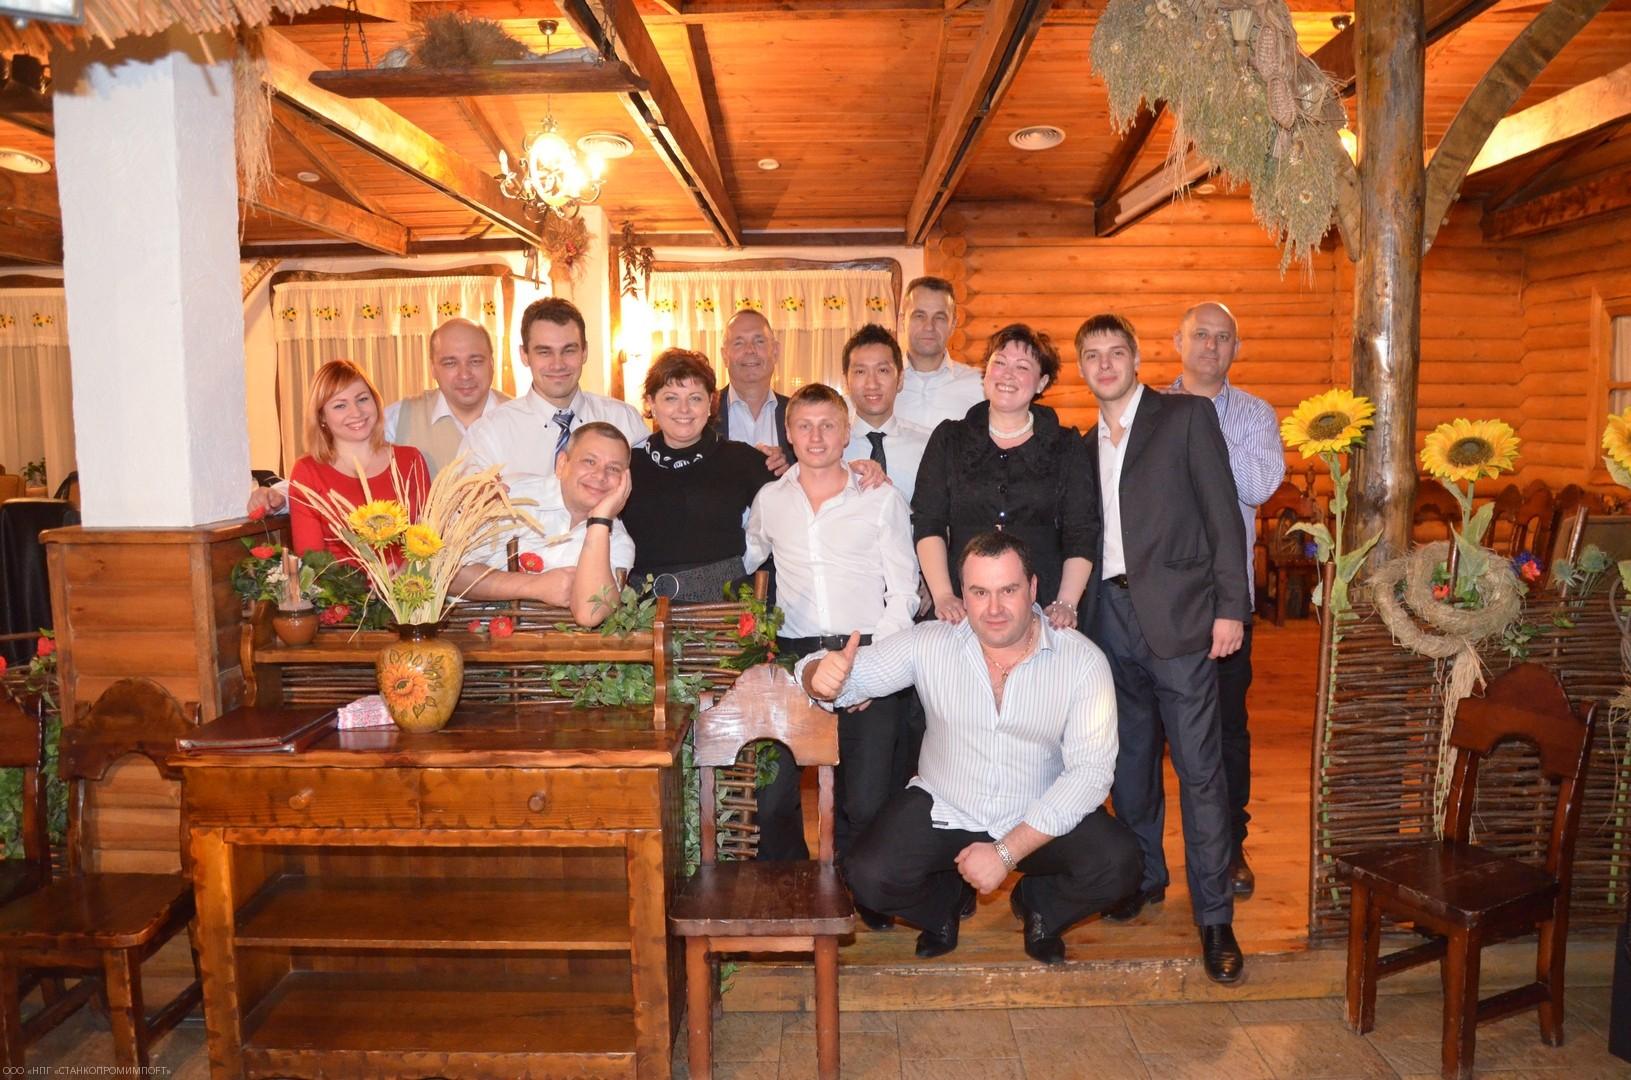 Фуршет в честь выставки: Наша теплая компания и партнеры из Израиля, Тайваня.